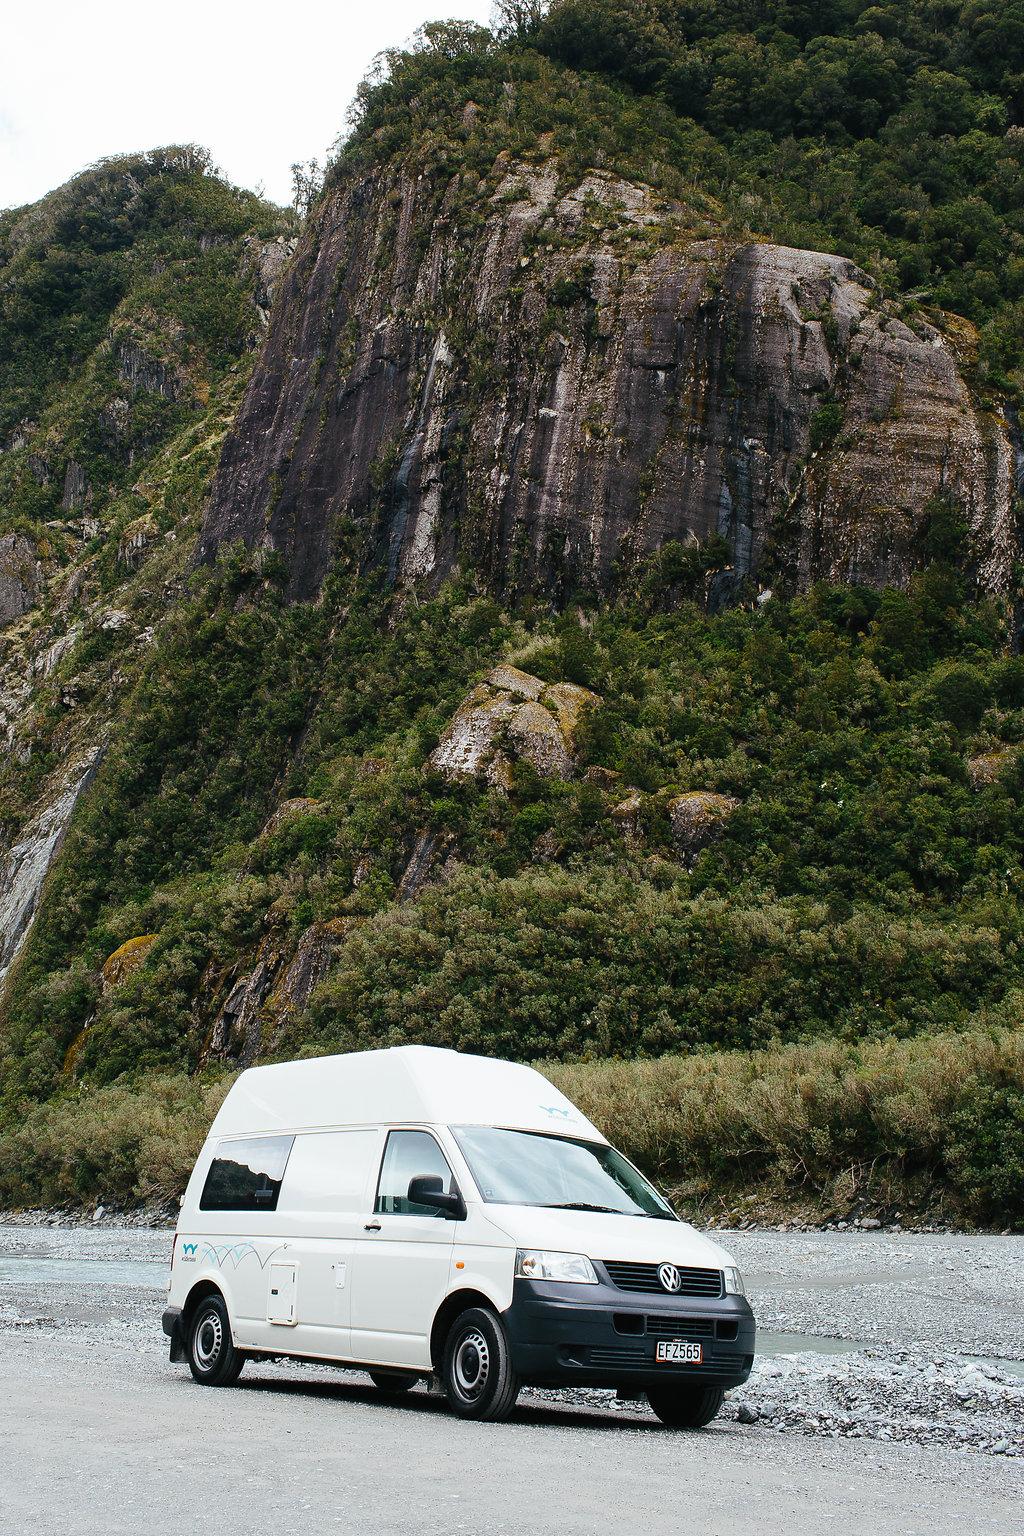 RV, new zealand, road trip, rental,